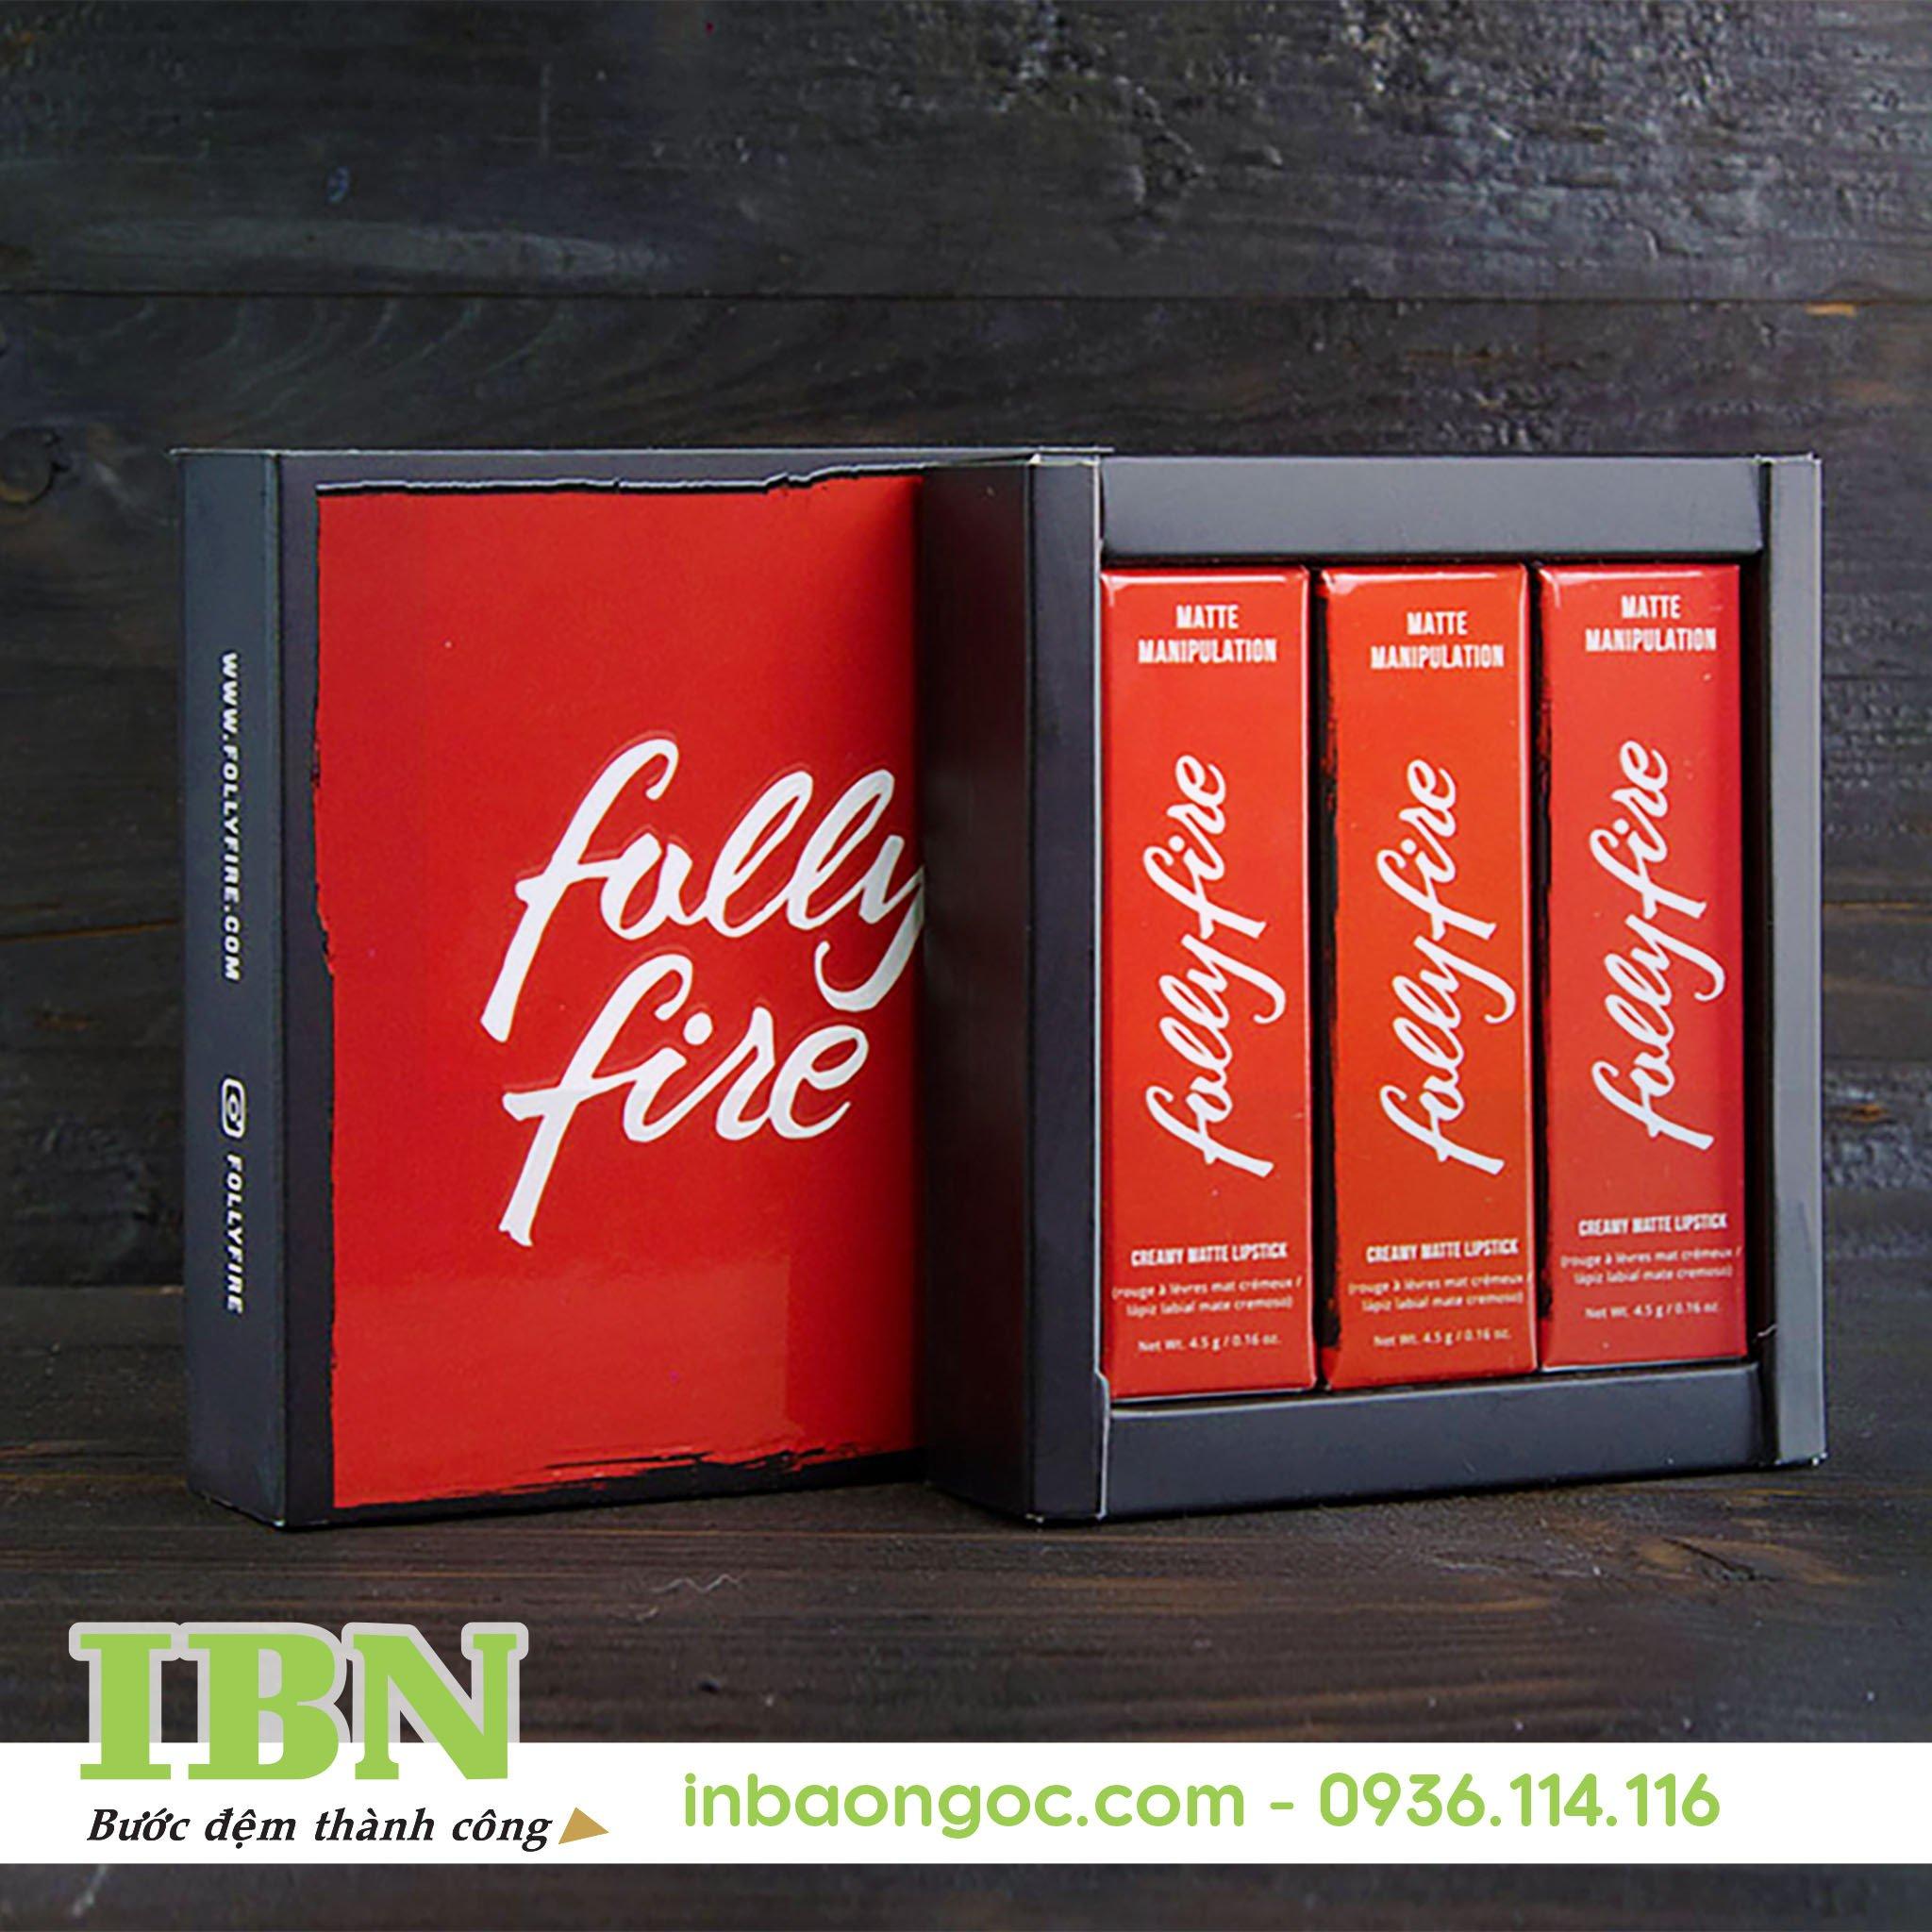 thiết kế hộp giấy miễn phí